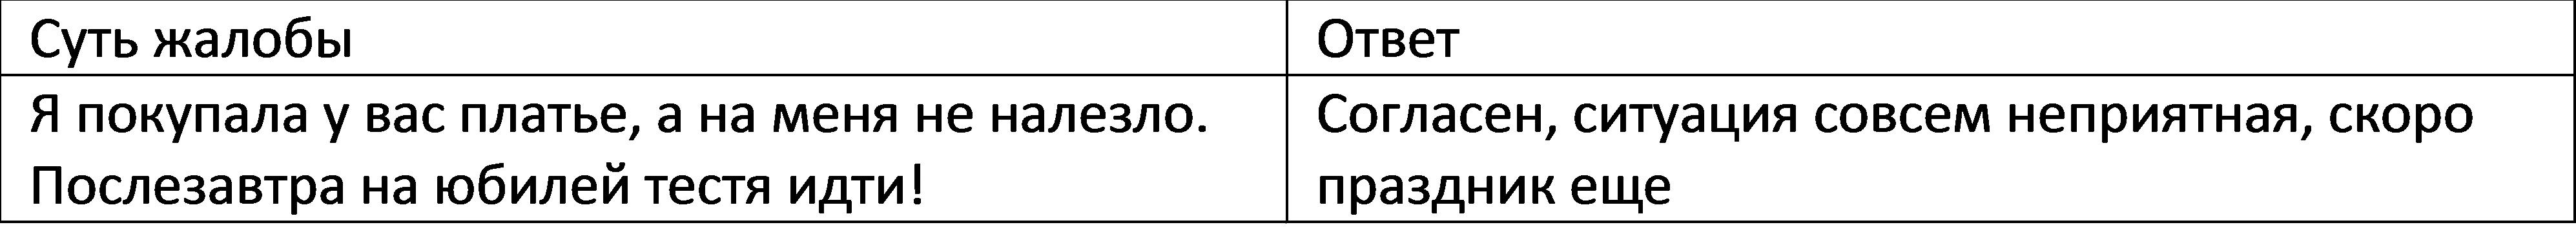 Пример ответа